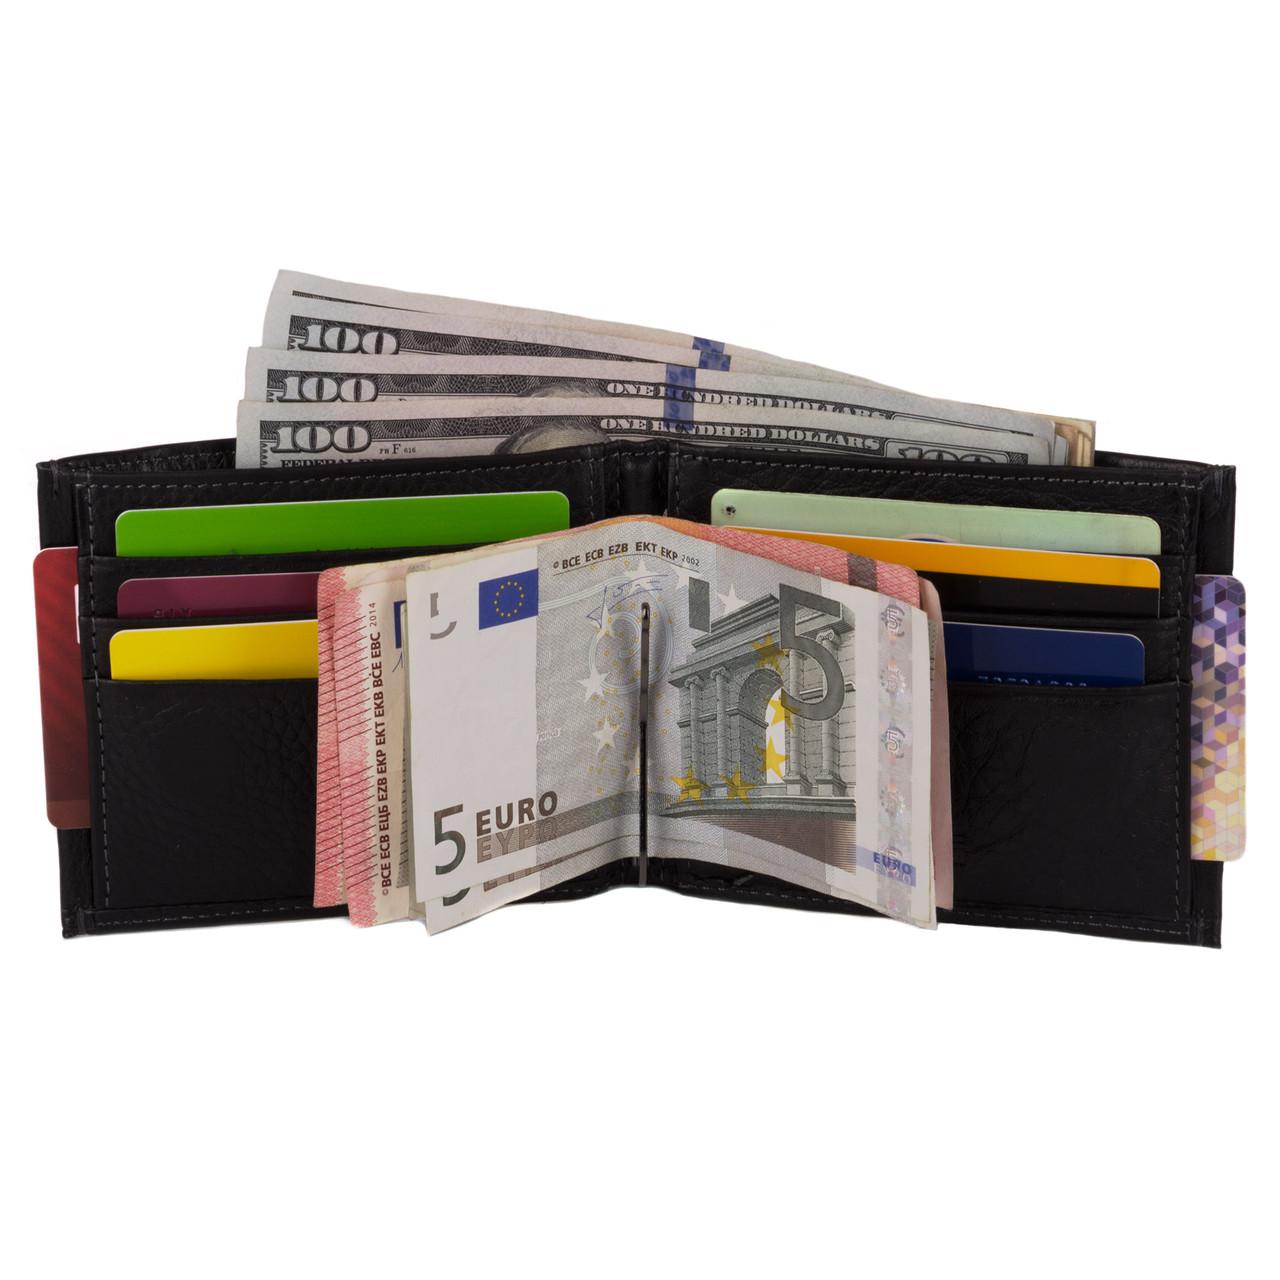 b6b03a413895 Мужской кожаный кошелек с зажимом Homme Kafa (555-12): продажа, цена ...